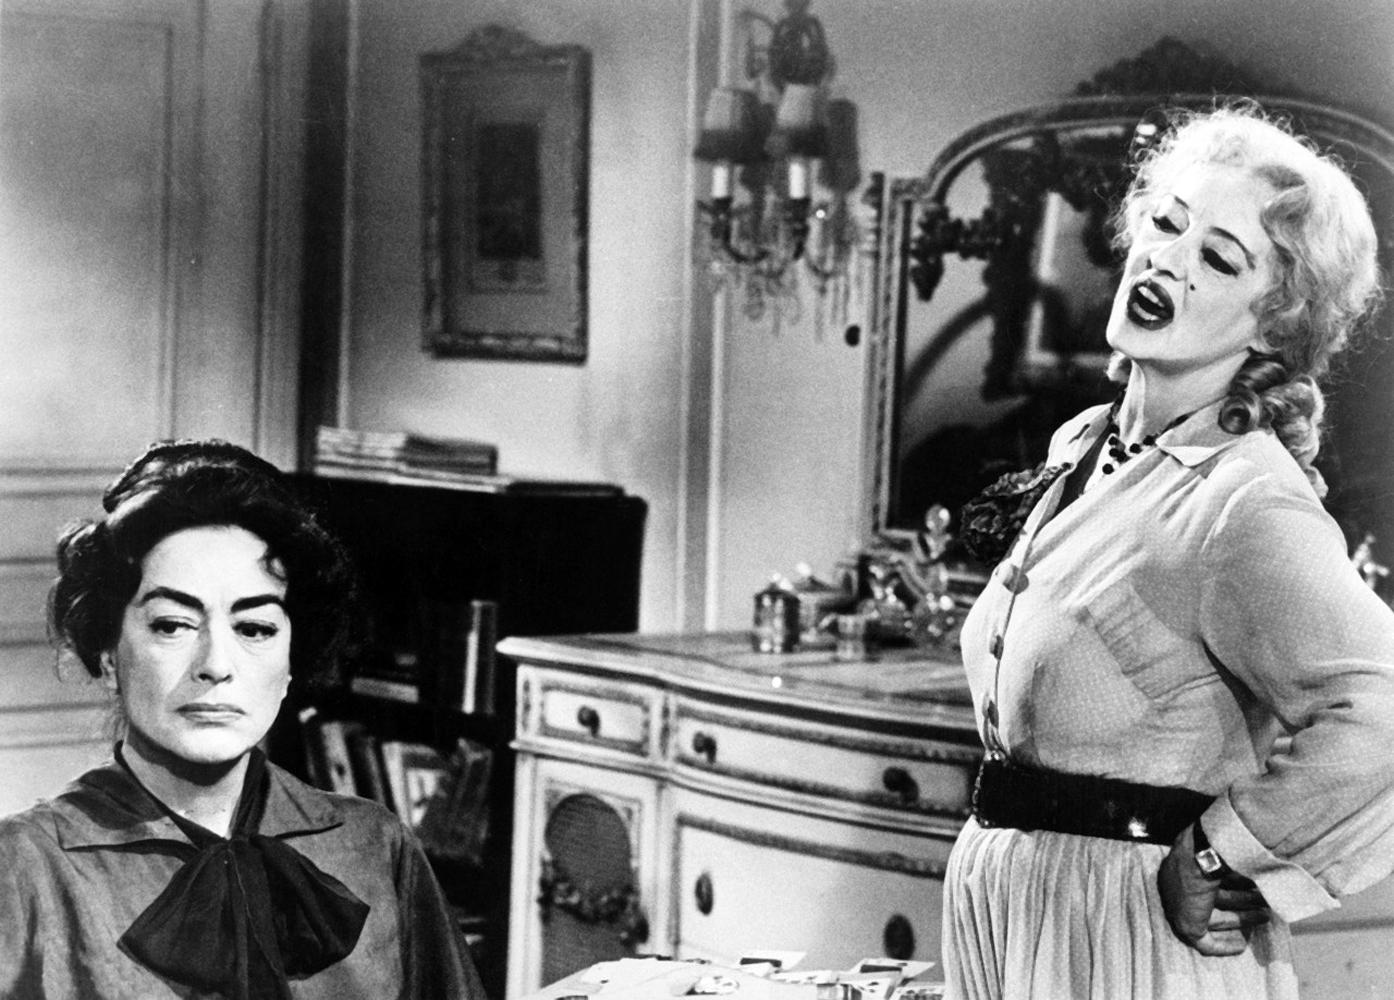 04-Que-fue-de-Baby-Jane-Joan-Crawford-Bette-Davis